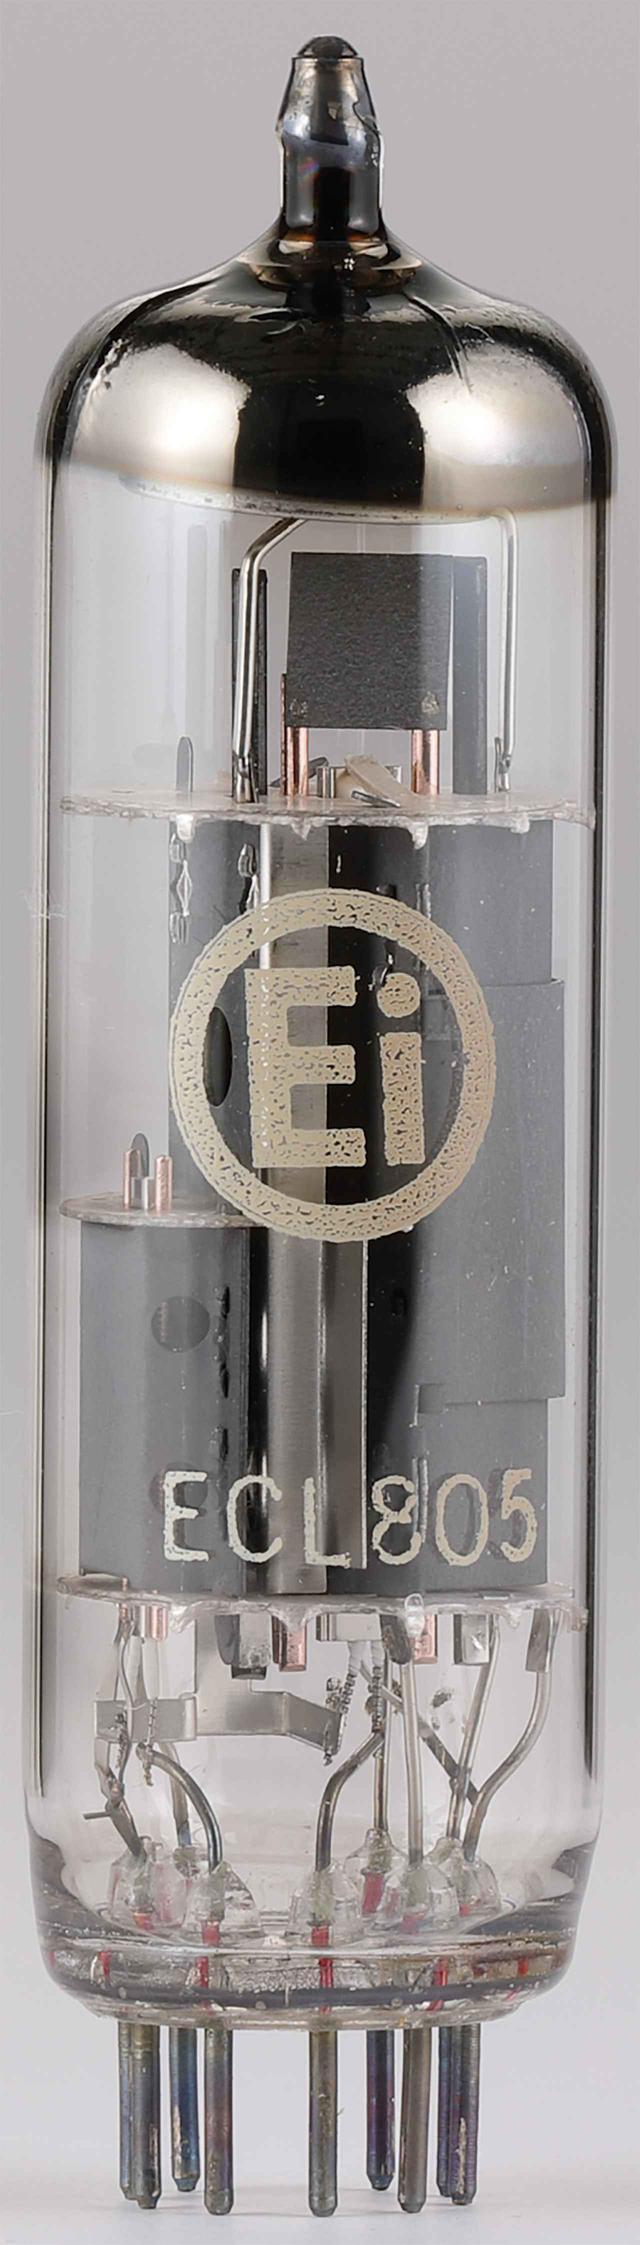 画像: 出力管は3極5極複合管ECL805/6GV8。東欧のEi社で生産されたもので6.3V/0.86A規格。3極部のμは50、5極部のプレート損失は9W。